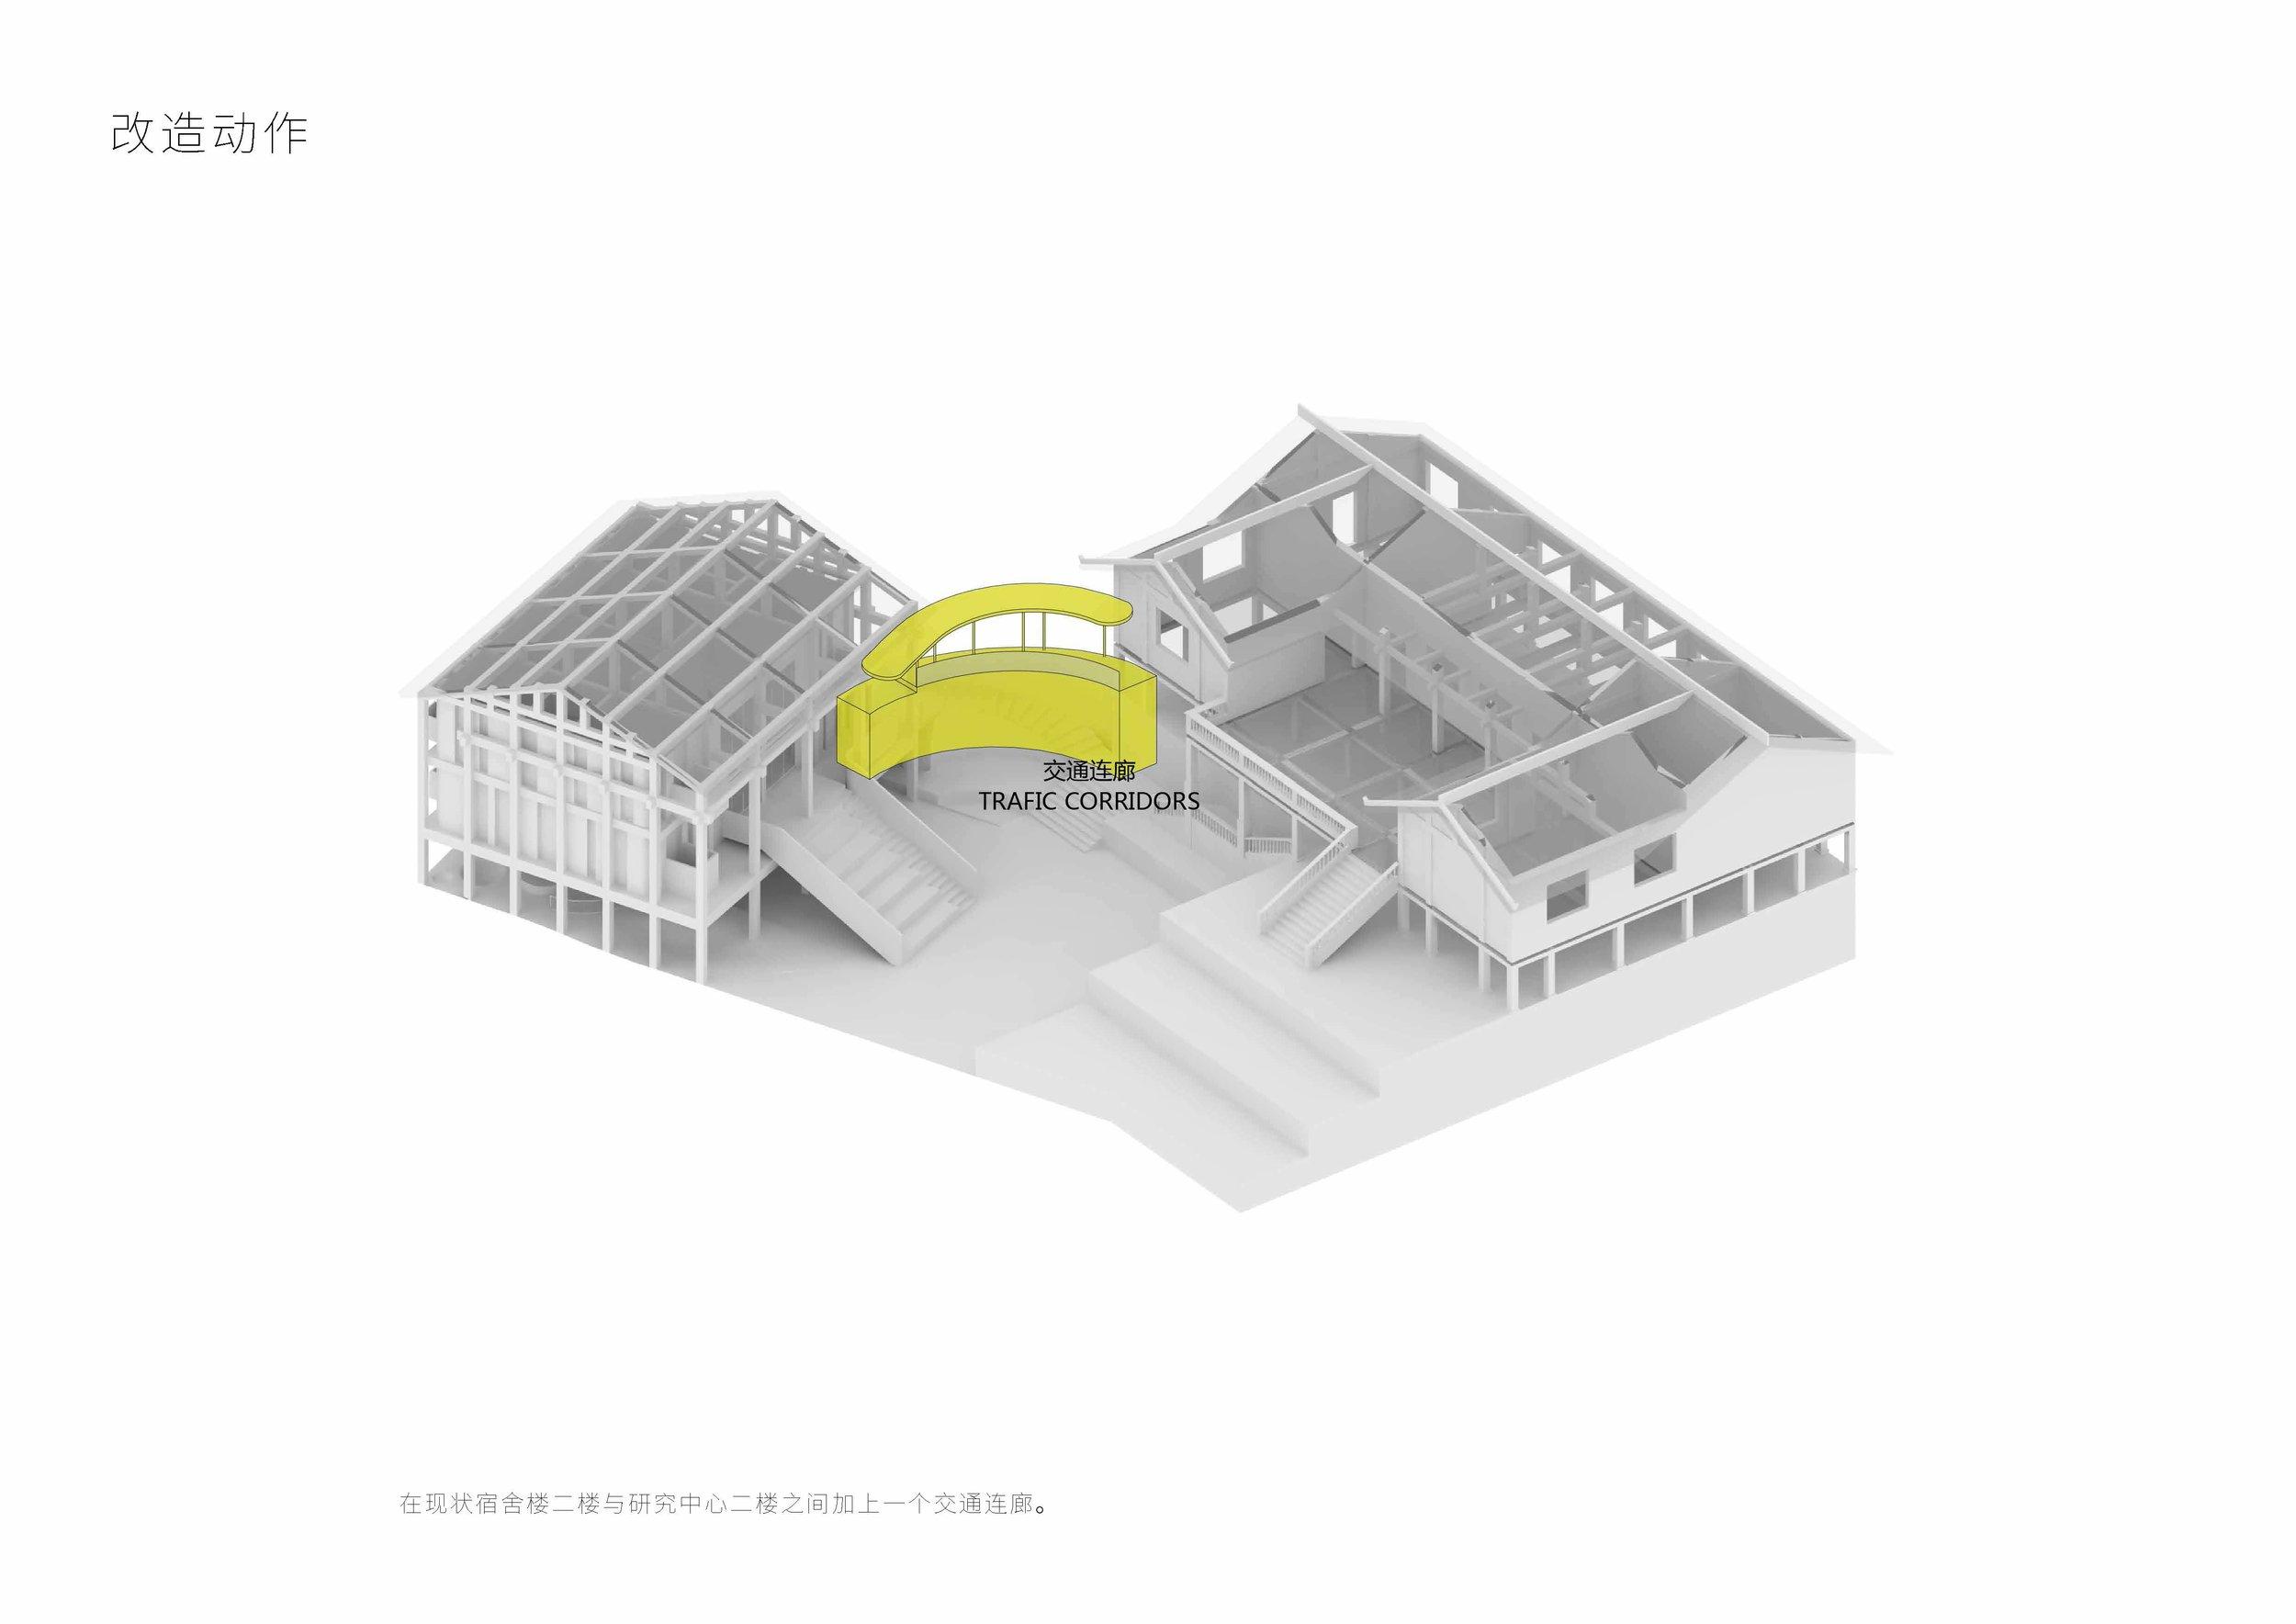 institute diagram_页面_13.jpg